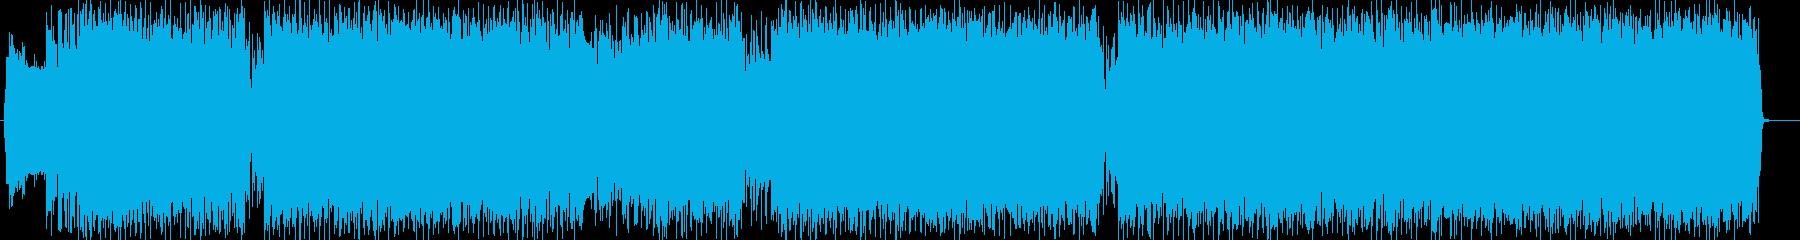 クールでワイルドな洋風エレキロックの再生済みの波形